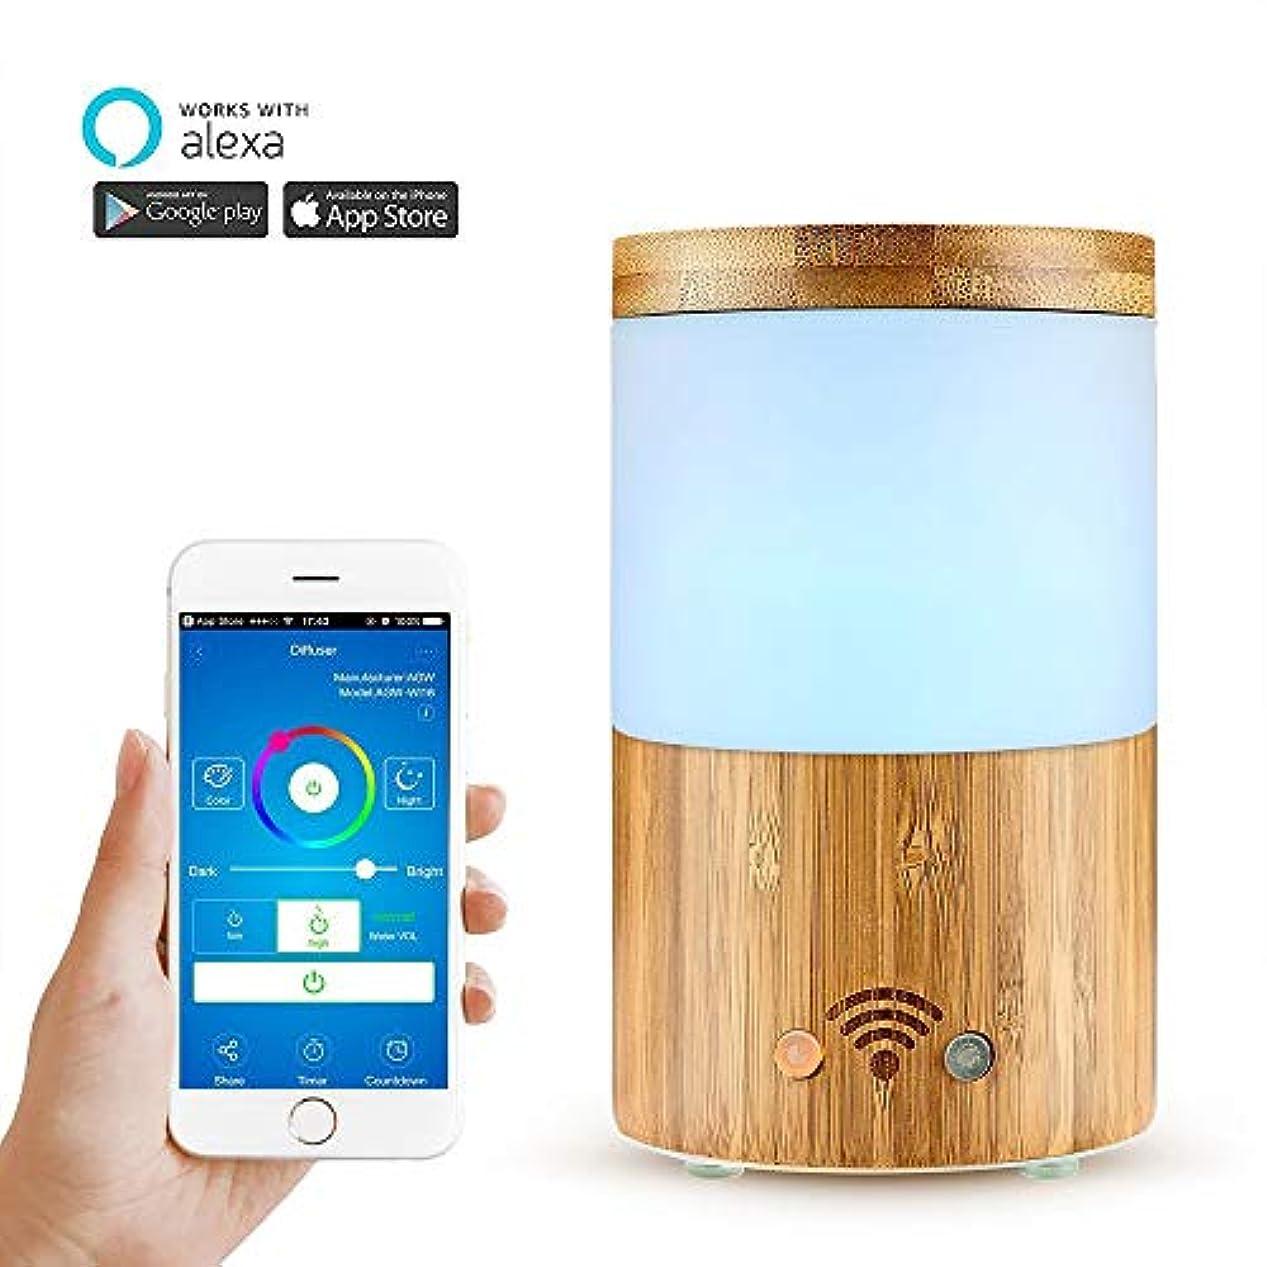 タッチ商標債務者Wifiワイヤレスアロマエッセンシャルオイルディフューザー、電話アプリ、音声コントロール-スケジュールの作成-160mlディフューザーと加湿器-LEDとタイマーの設定